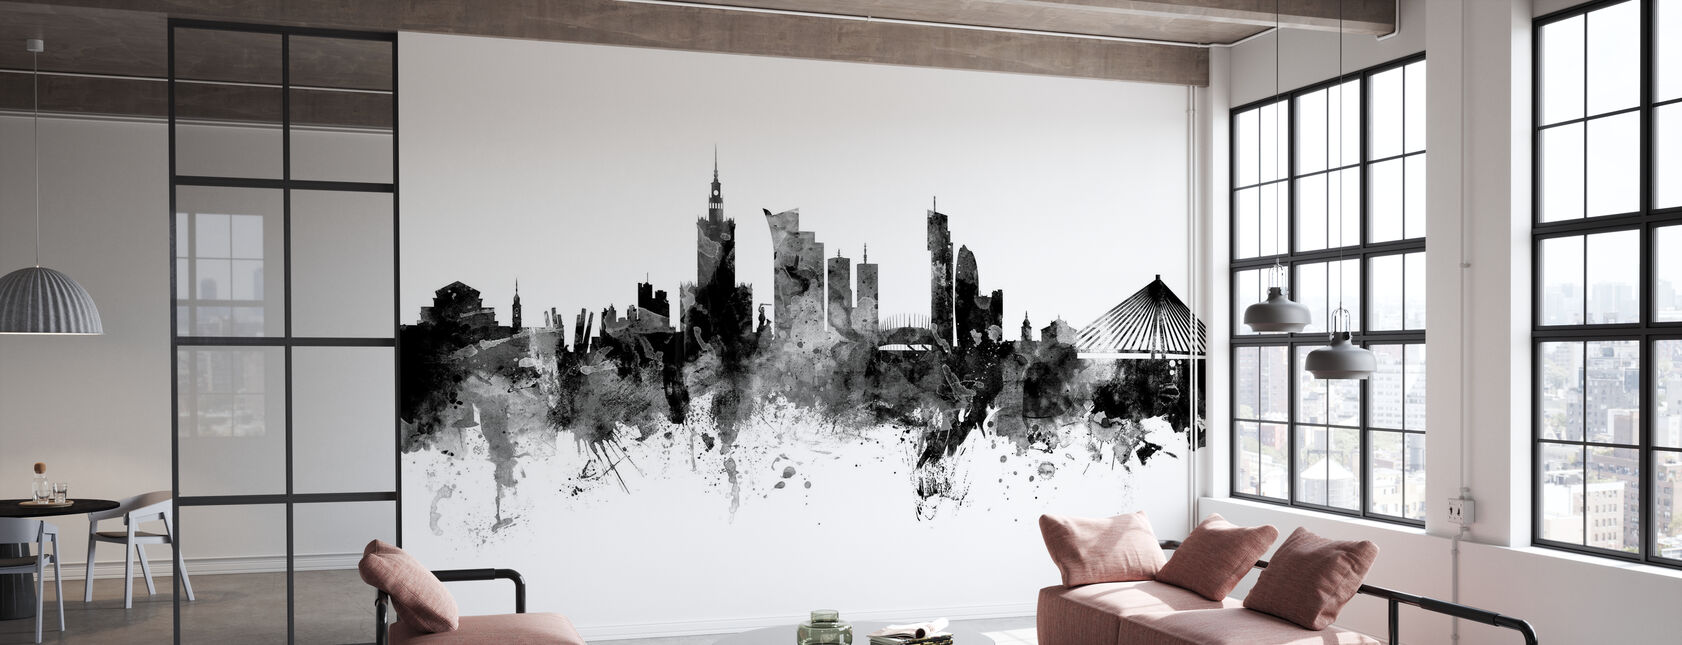 Warszawska Skyline czarno-biała - Tapeta - Biuro